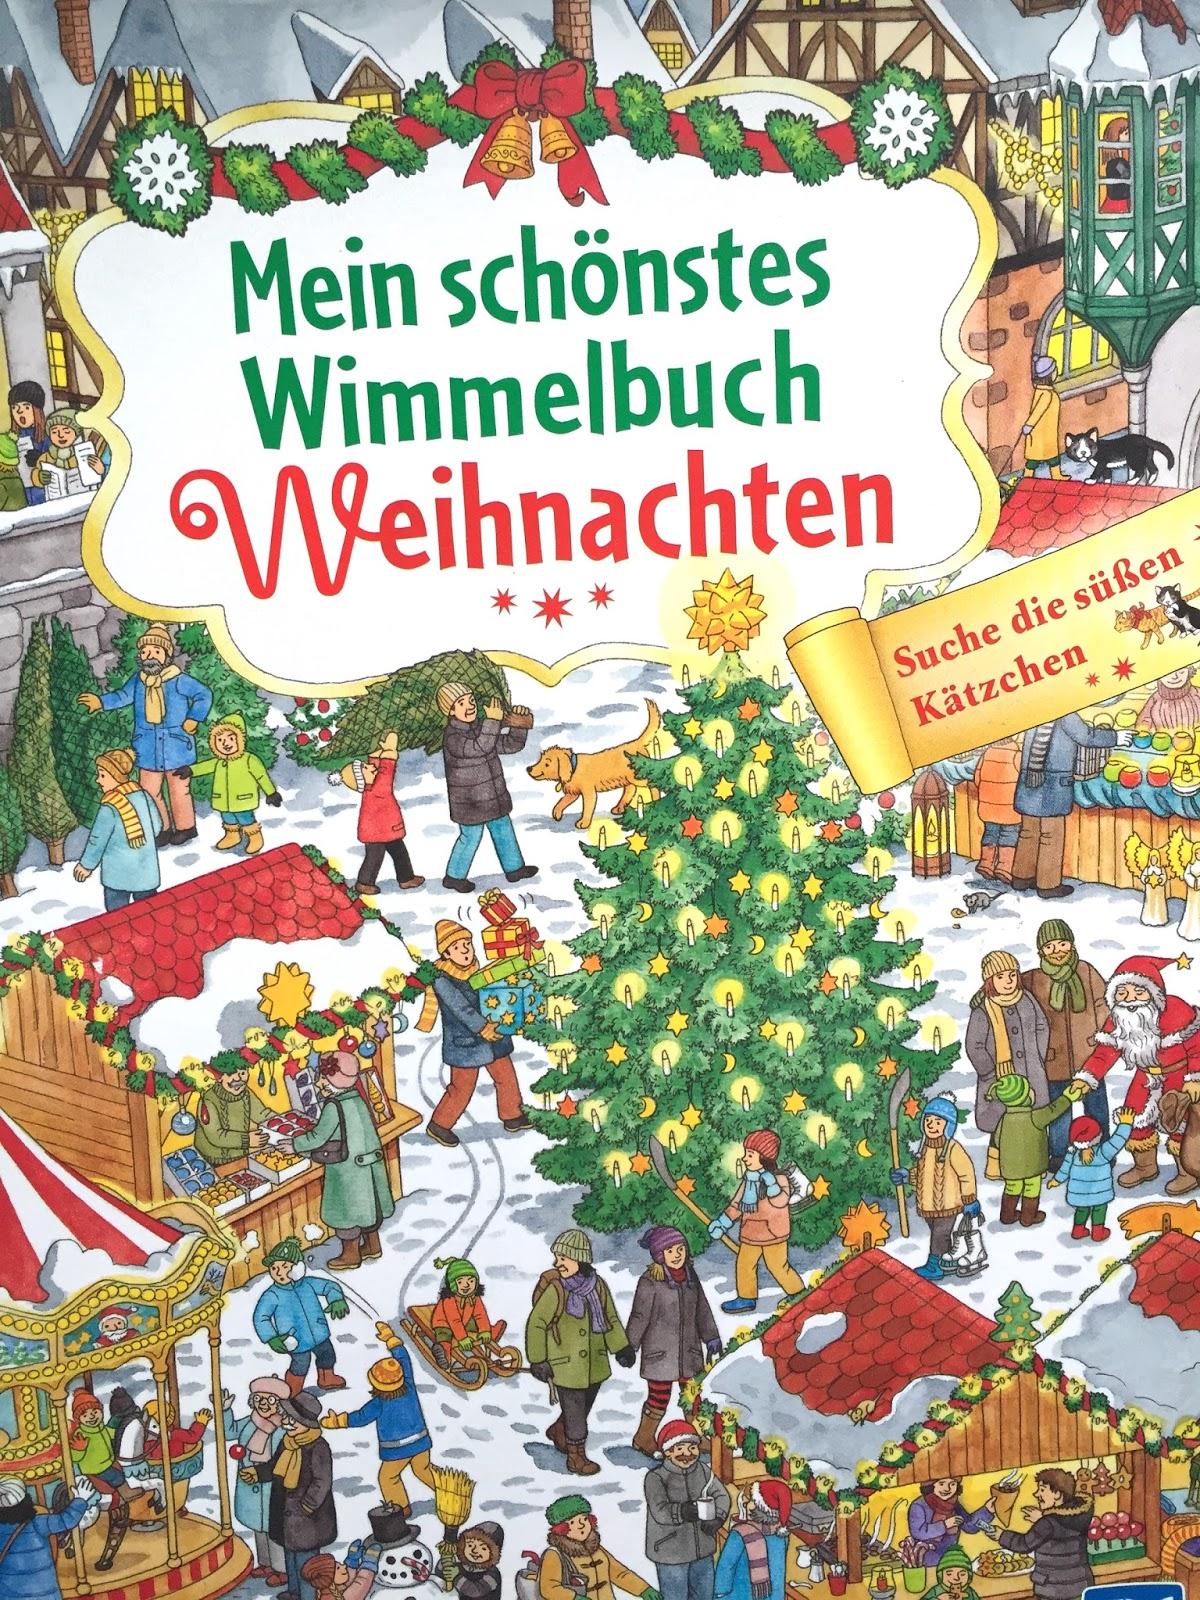 Wimmelbuch Weihnachten.Ein Gelesener Adventskalender 3 Mein Schönstes Wimmelbuch